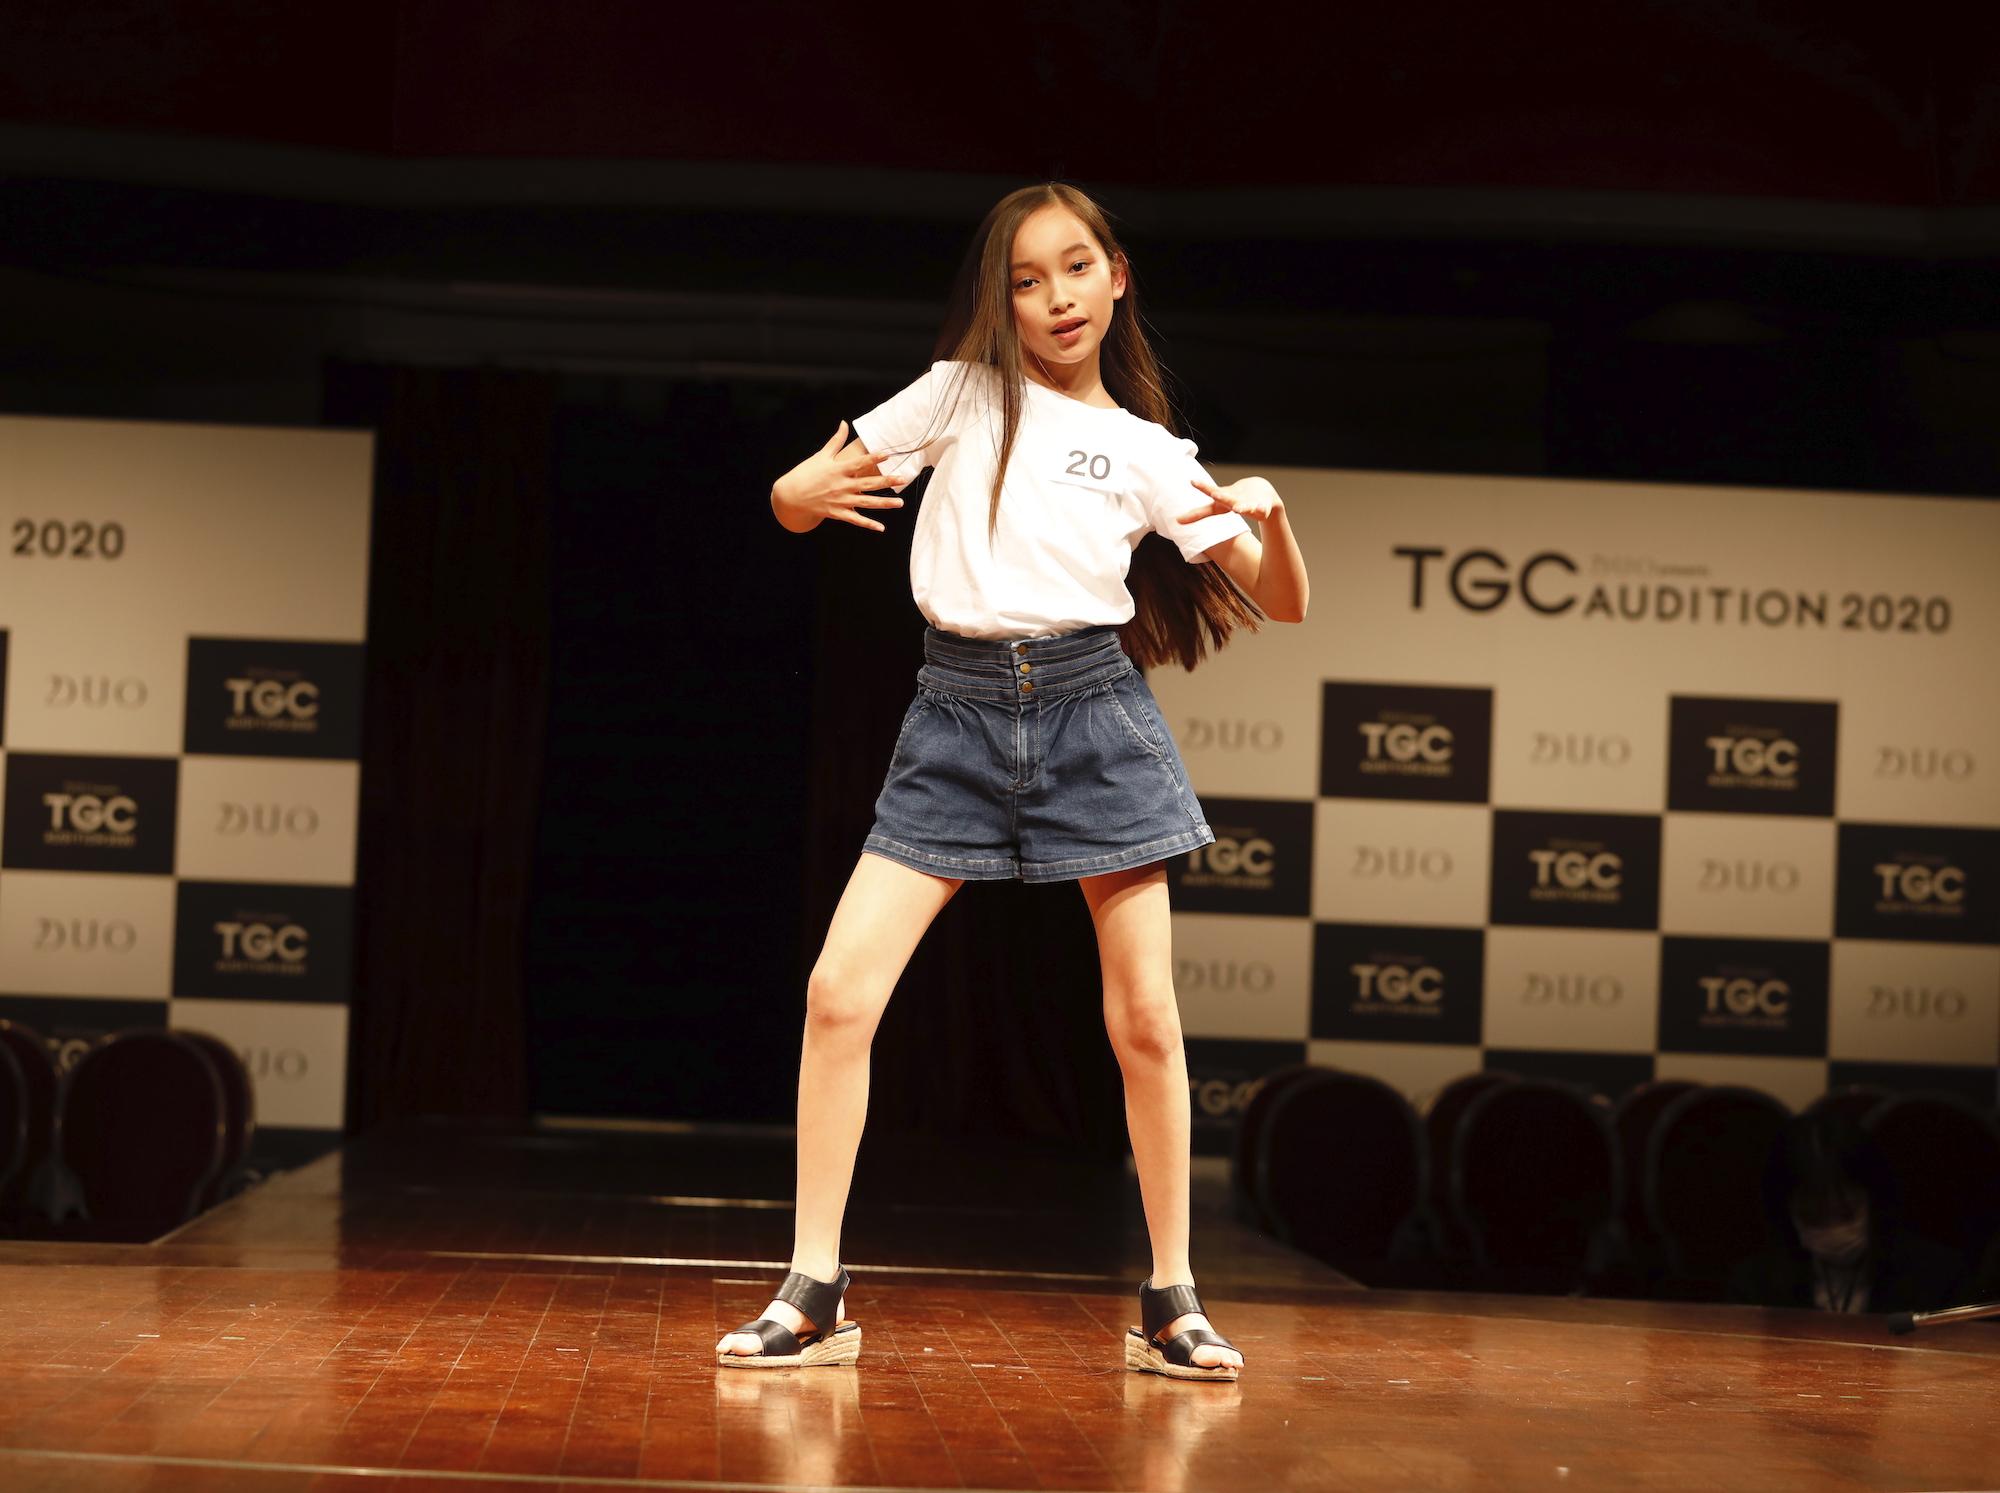 上妻美咲/2020年2月9日(日)、東京・品川プリンスホテル クラブeXにて開催された『DUO presents TGC AUDITION 2020』の公開ドラフト会議にて。